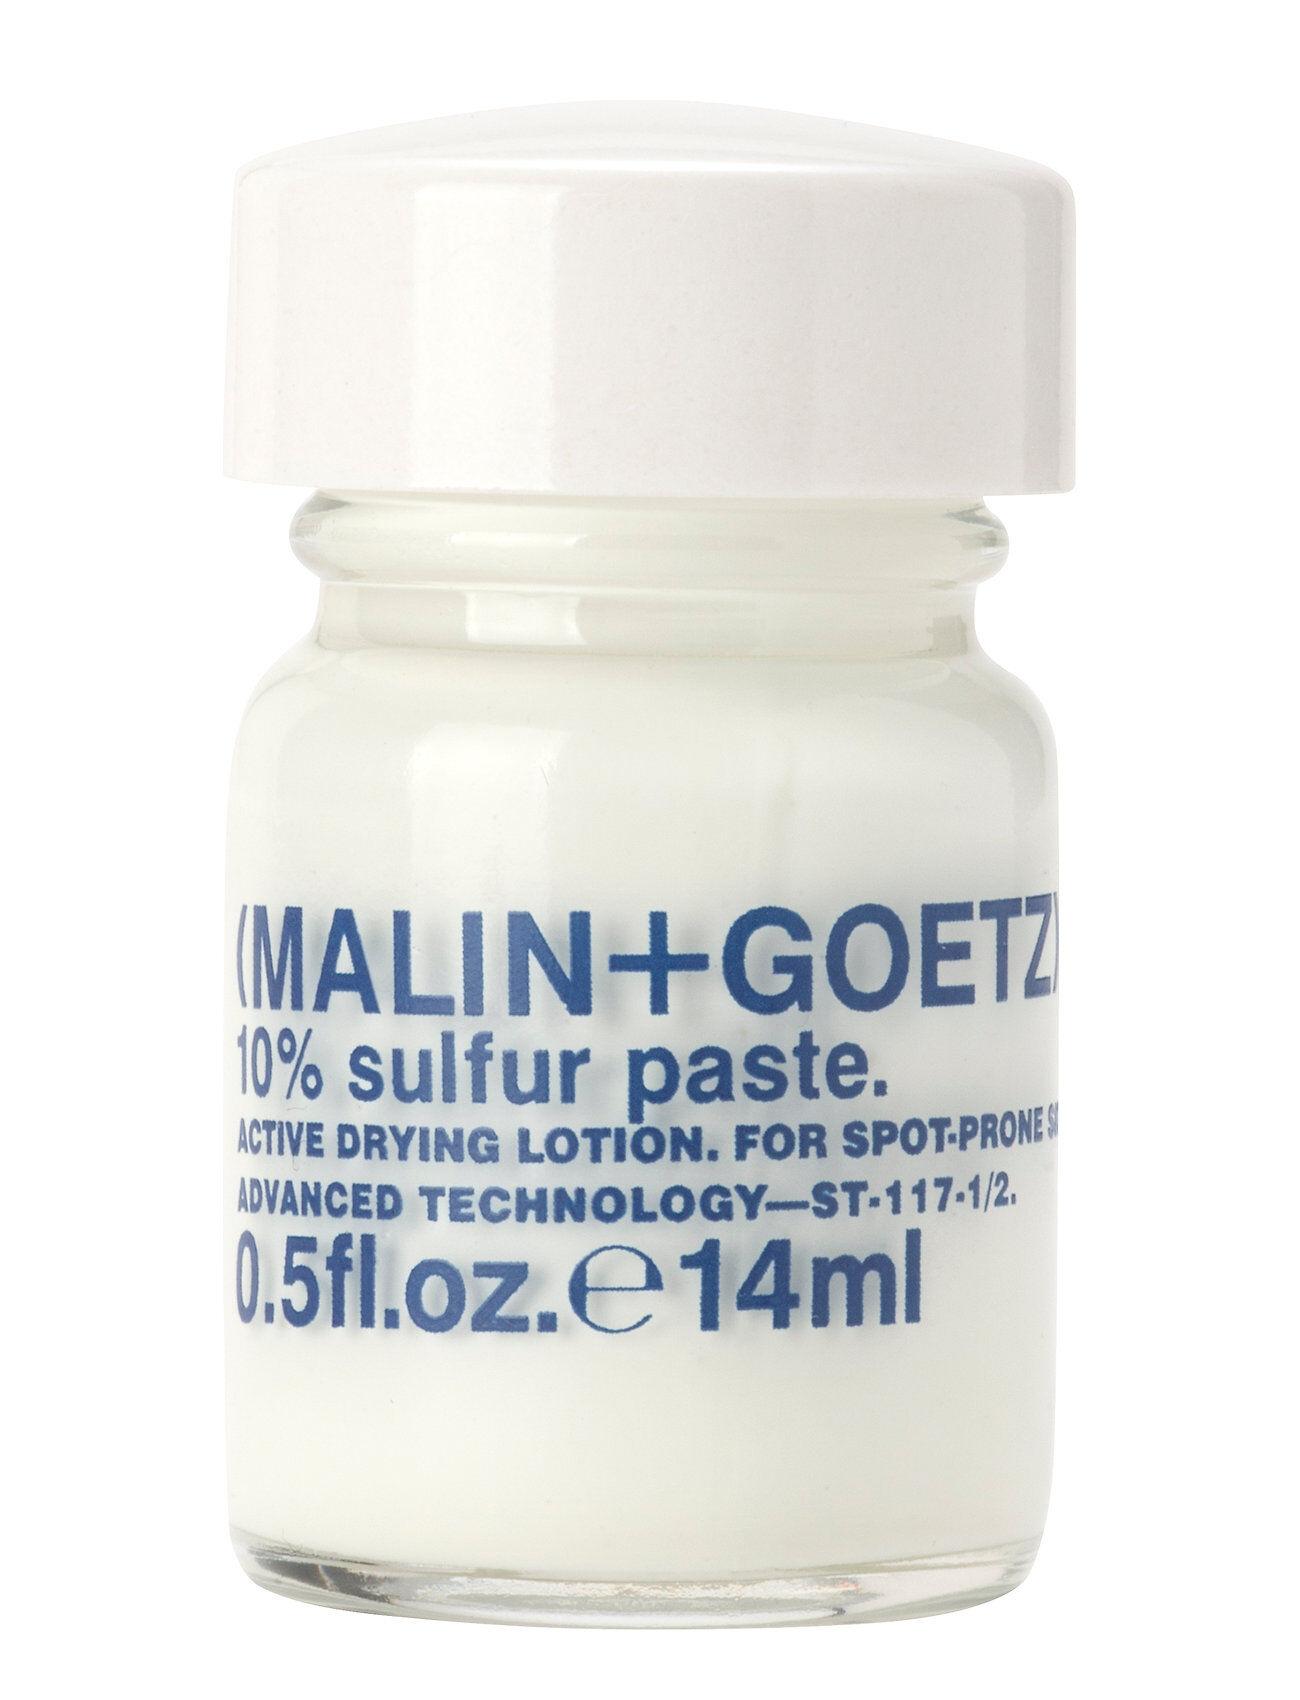 MALIN+GOETZ 10% Sulfur Past Kasvojen Ihonhoito Valkoinen MALIN+GOETZ